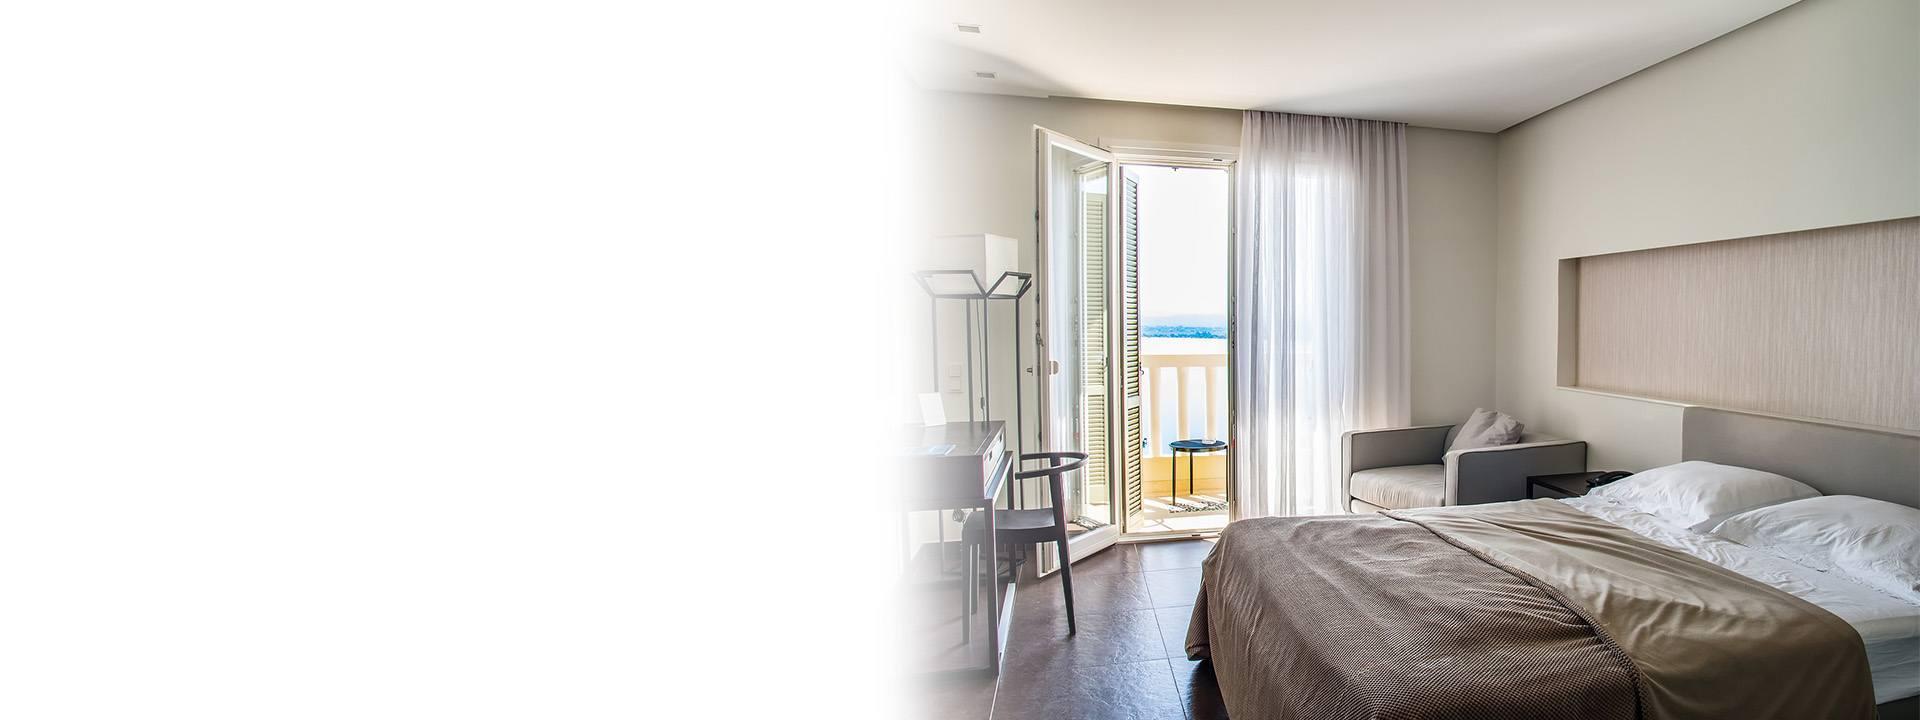 Morfeo colchones para hoteles siéntete como en casa